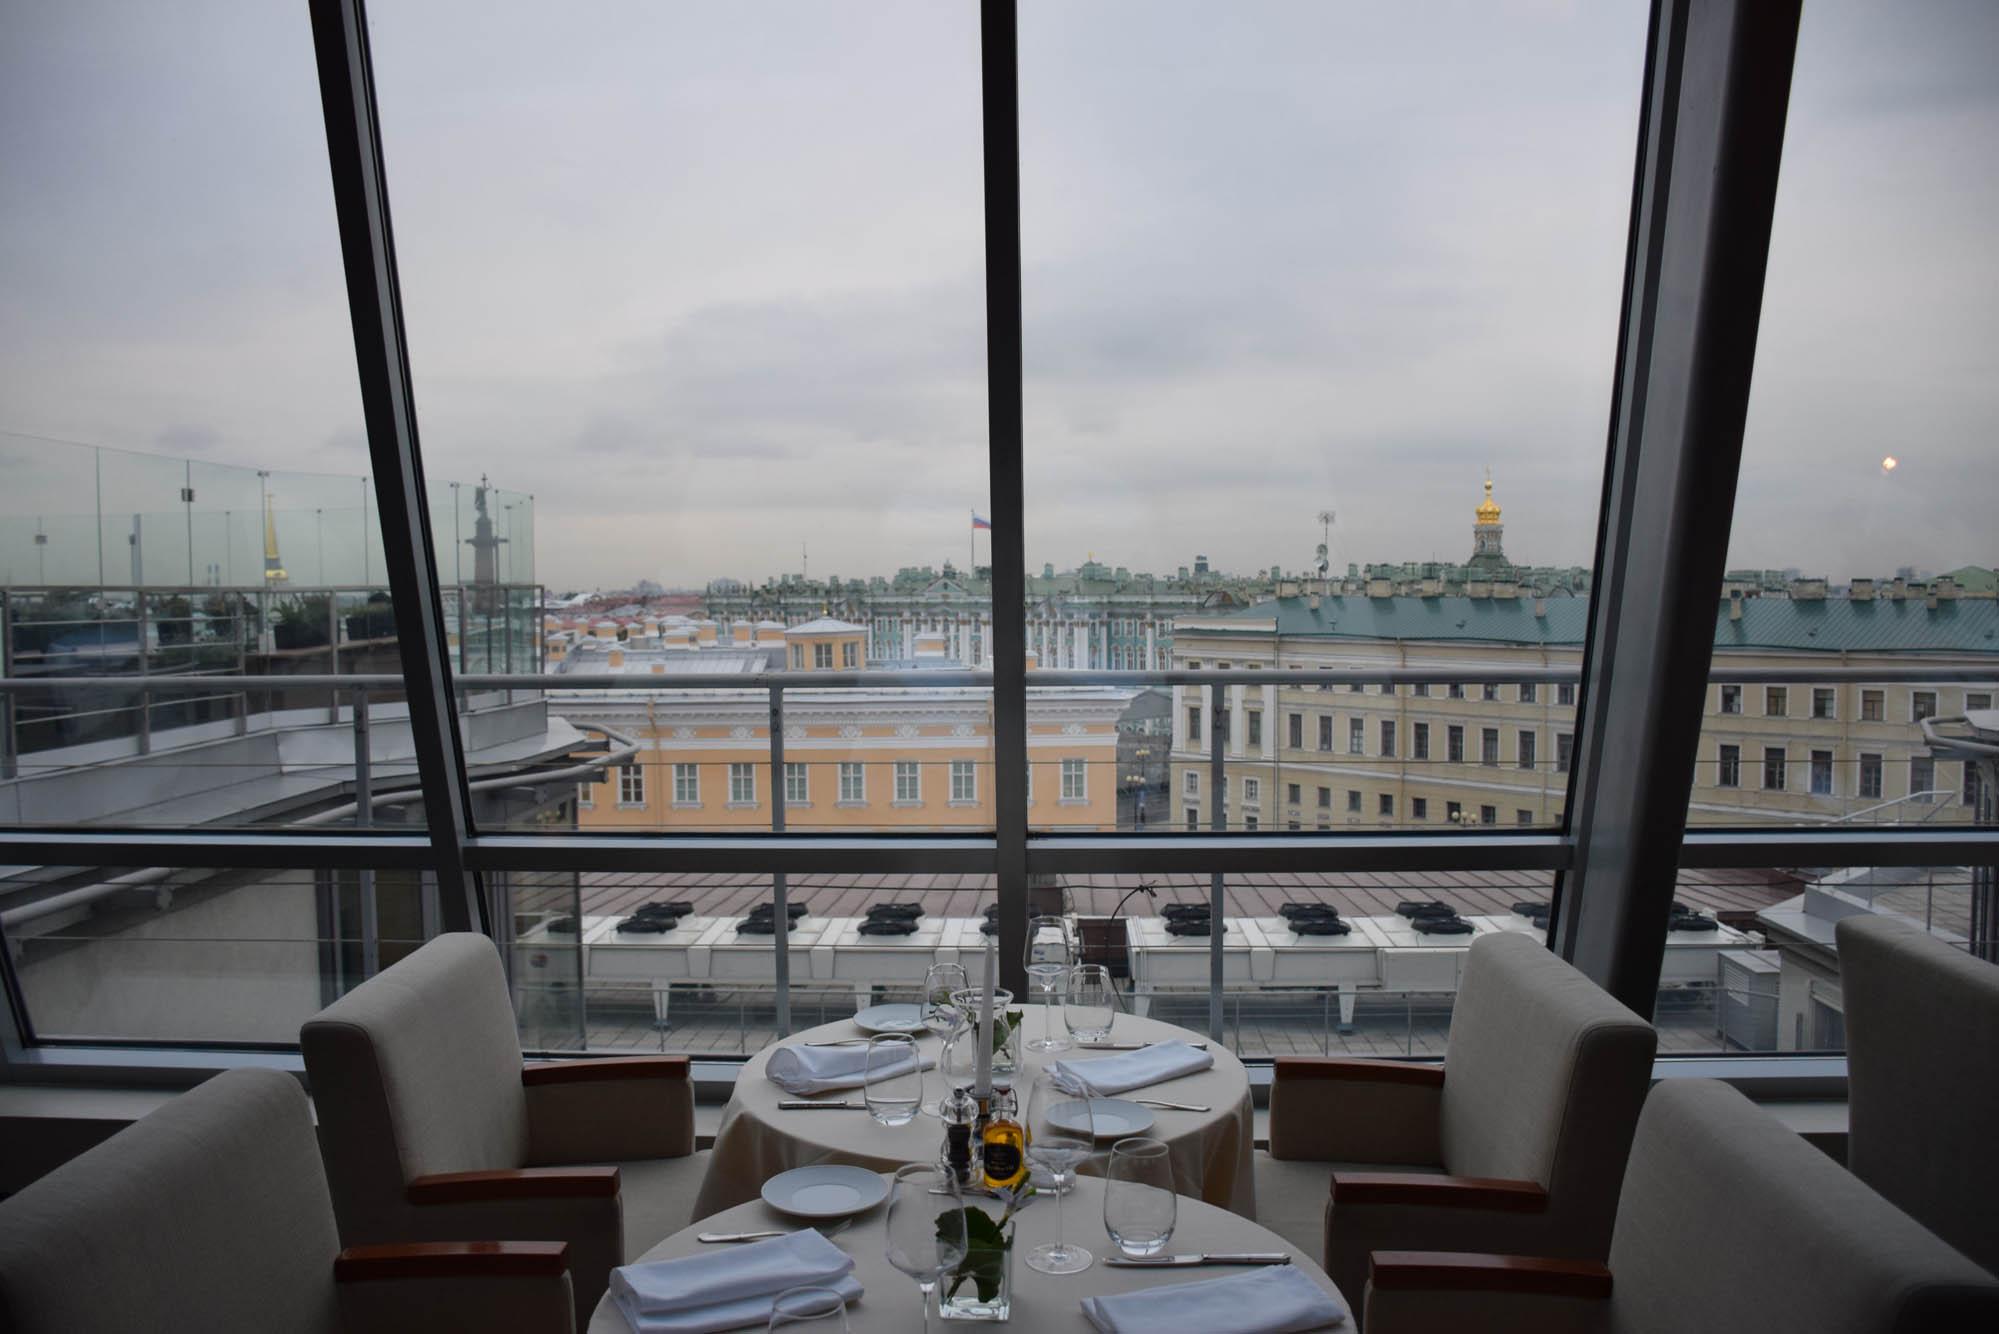 Kempinski Hotel Moika 22 ST PETERSBURG onde ficar hotéis russia bellevue brasserie restaurante